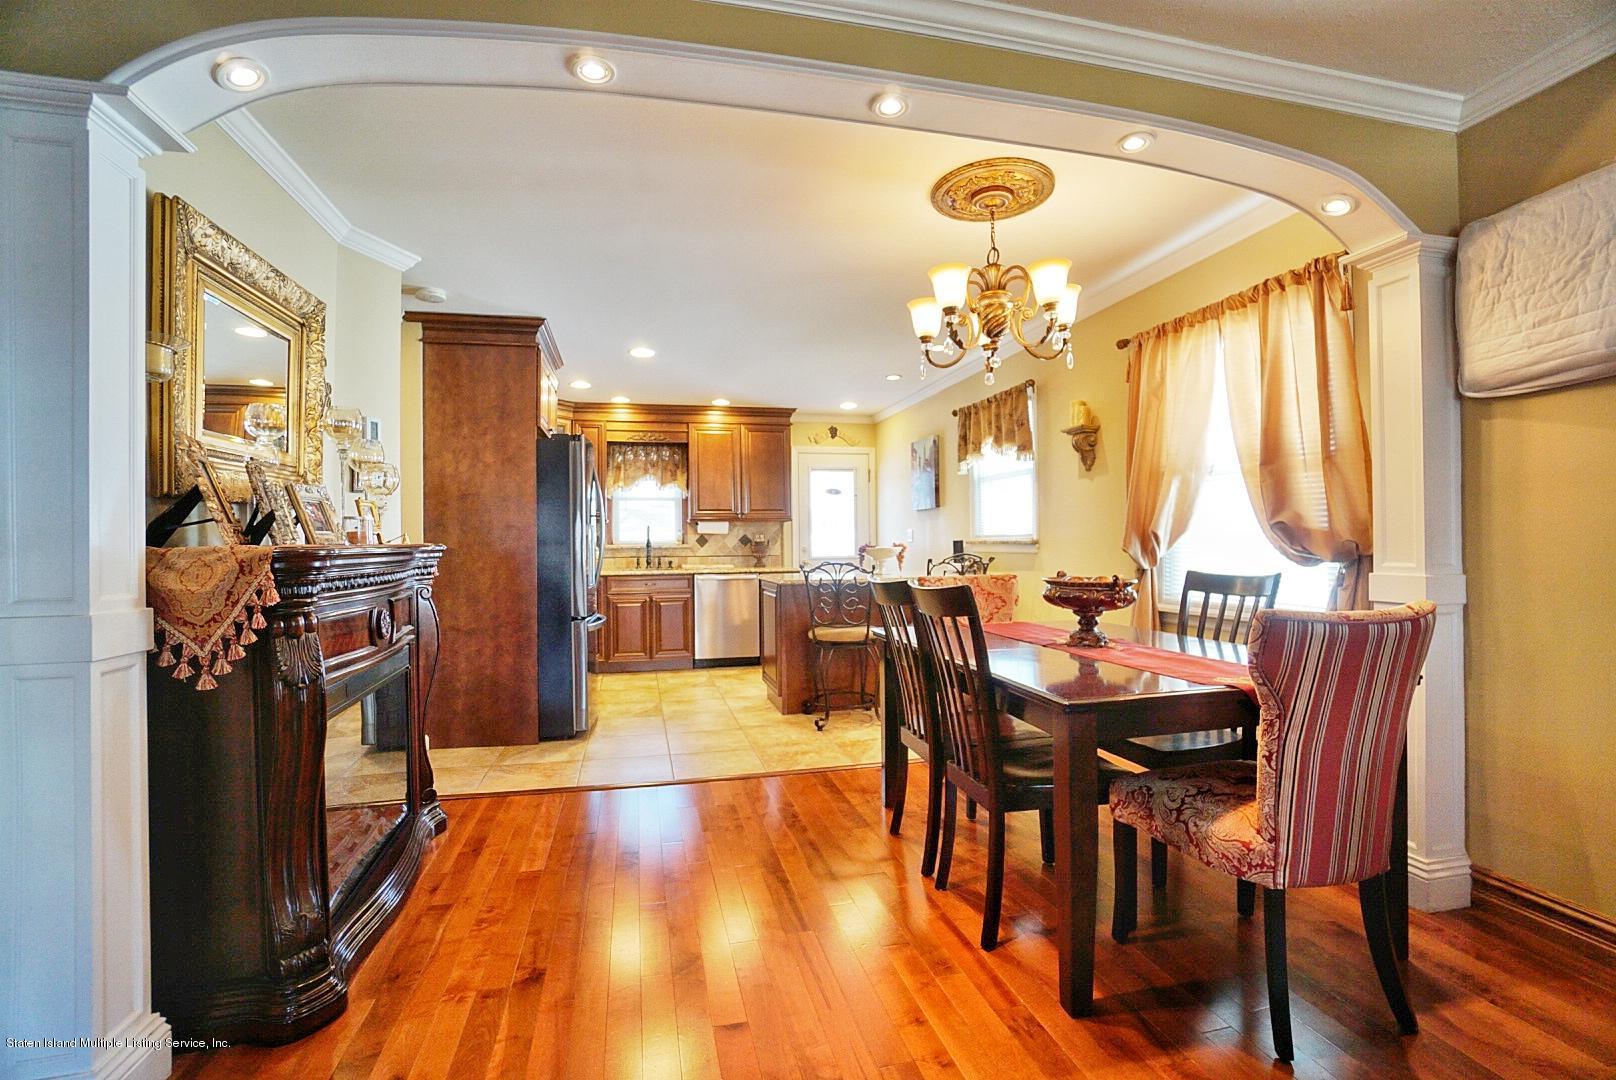 Single Family - Semi-Attached 366 Fairbanks Avenue  Staten Island, NY 10306, MLS-1127458-11